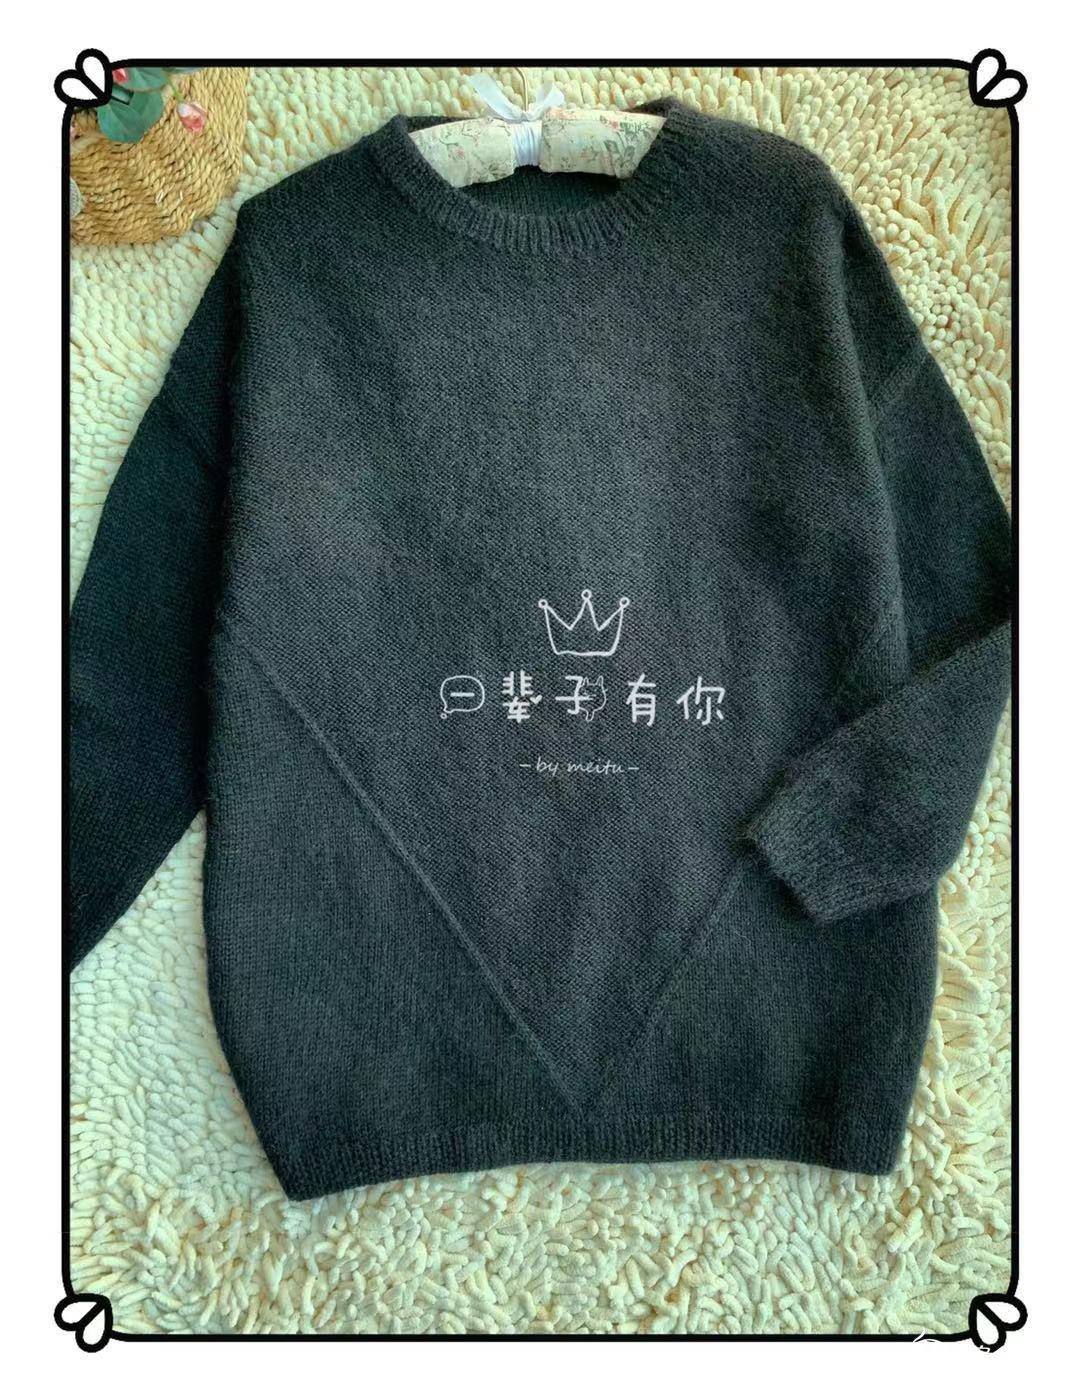 手工编织圆领毛衣